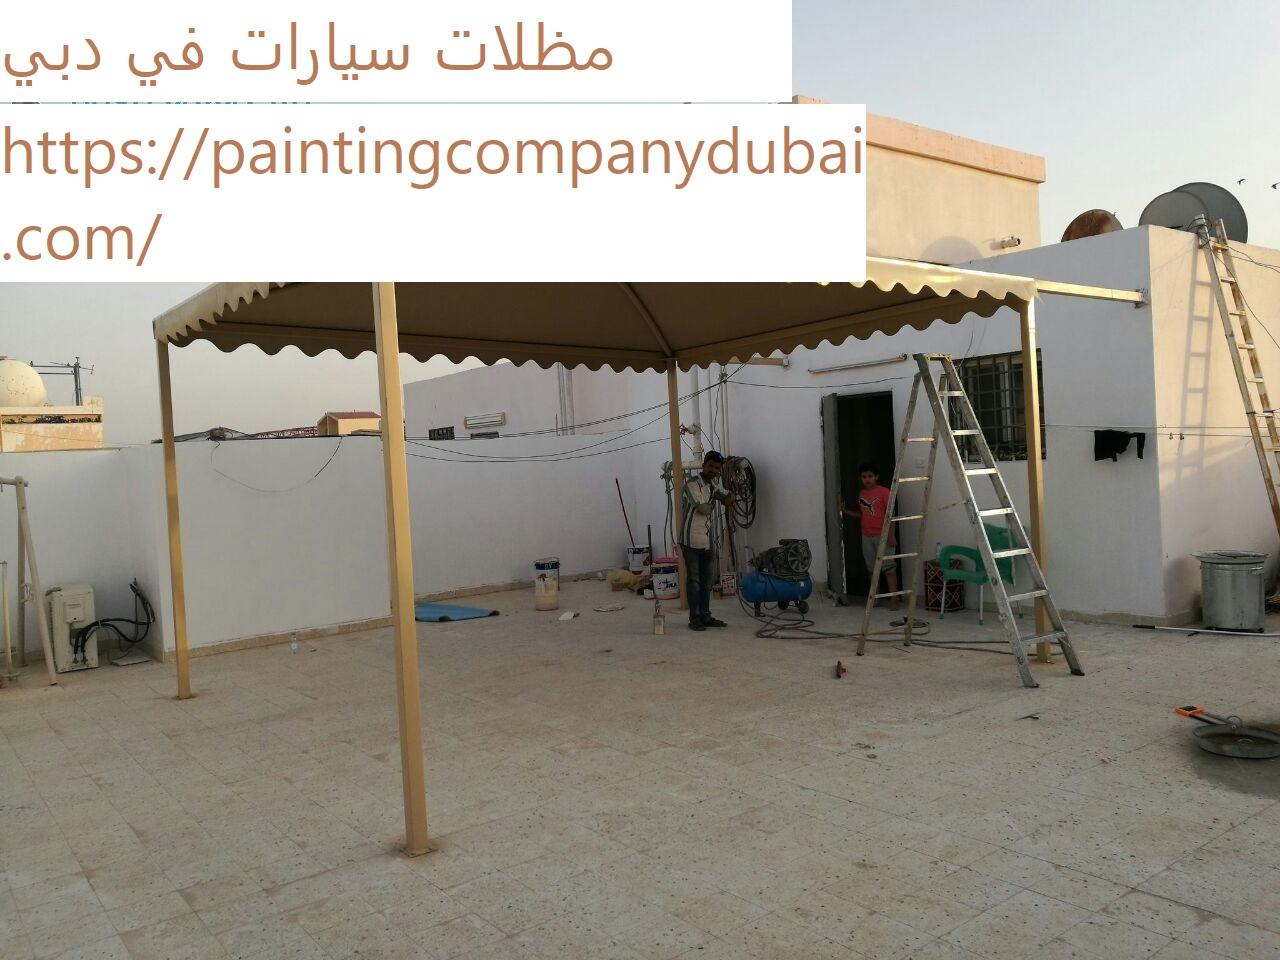 مظلات سيارات في دبي